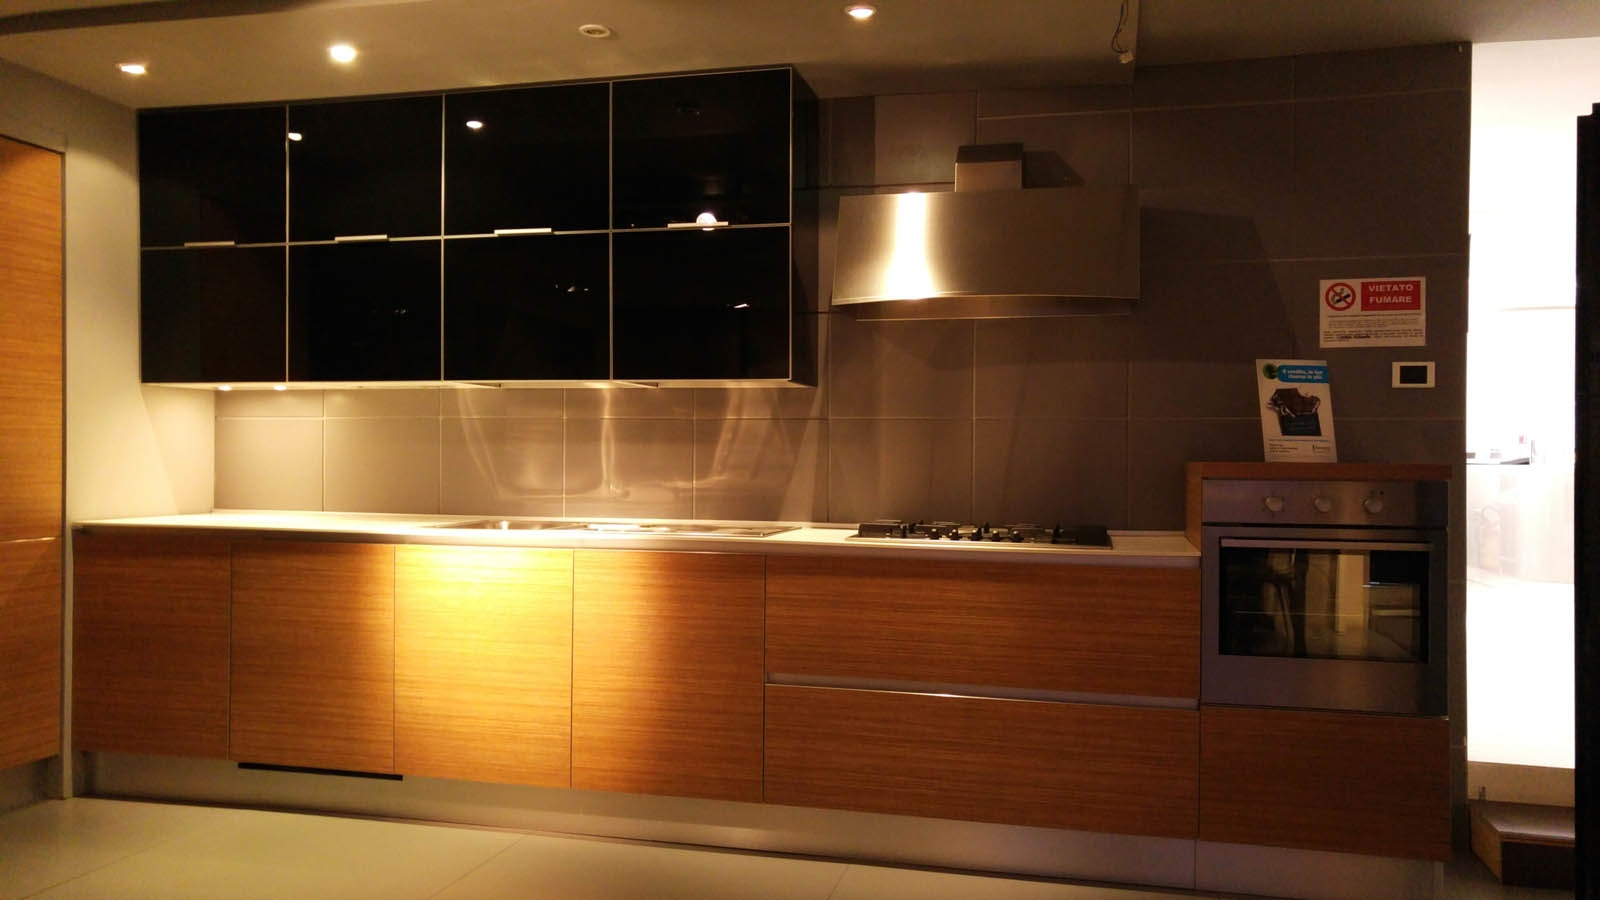 Cucina cesar design in vetro nero e teak cucine a prezzi scontati - Cucine in teak ...